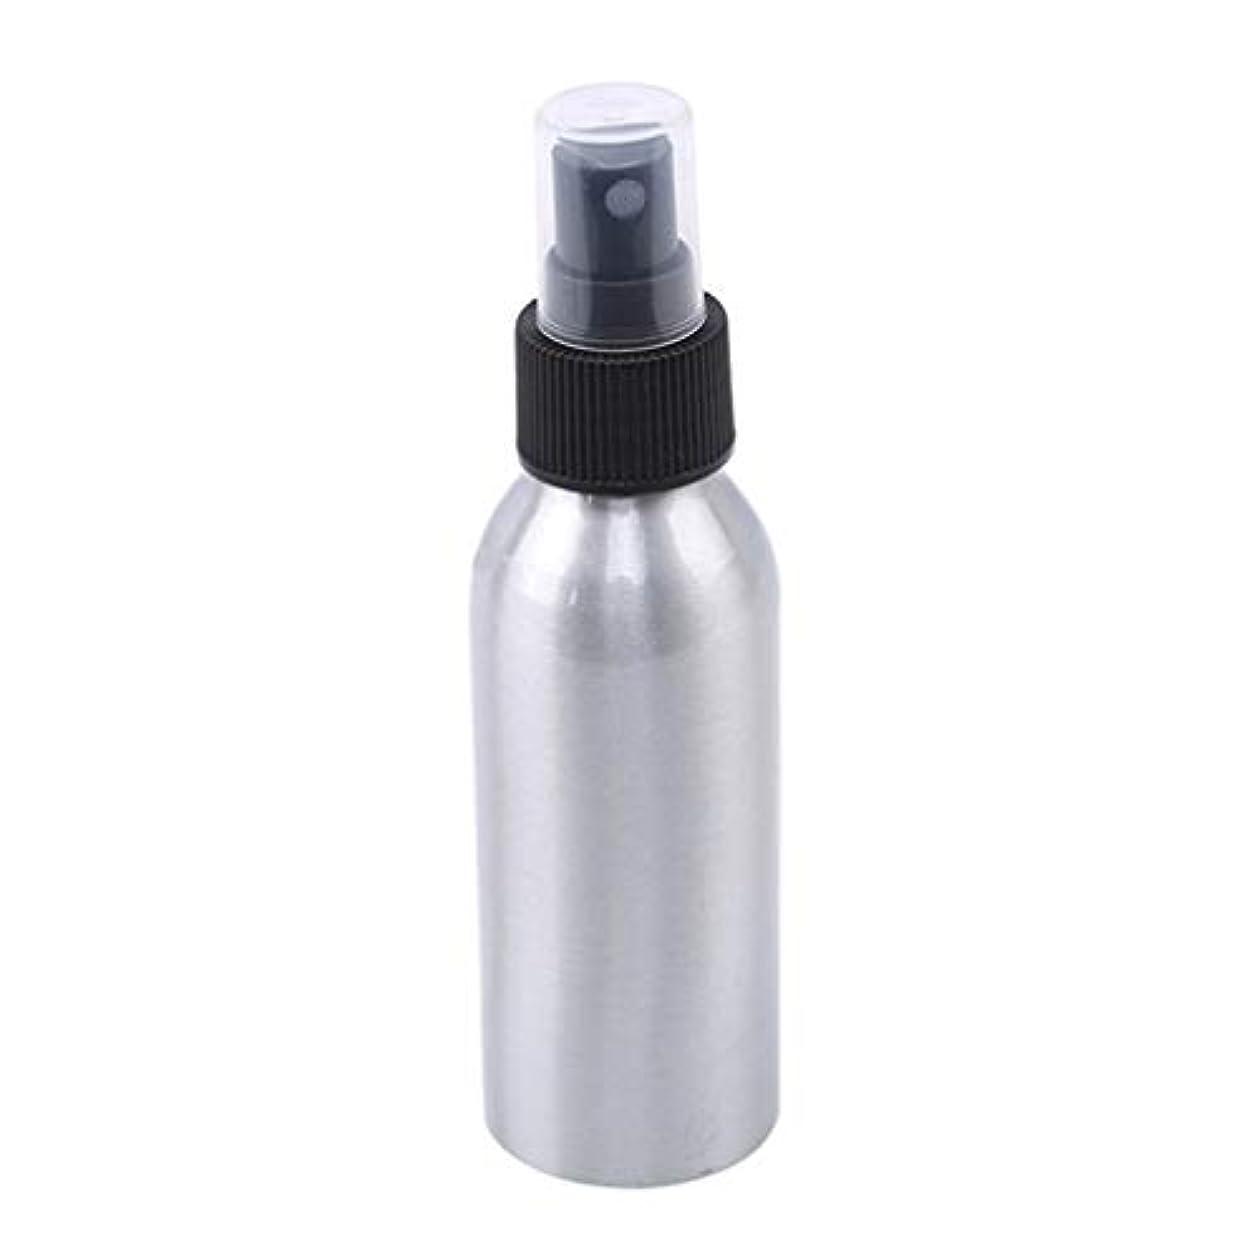 スライム自発的嫌がらせLJSLYJ 100ml詰め替え式の瓶の大広間の美容院のスプレーヤーの構造用具